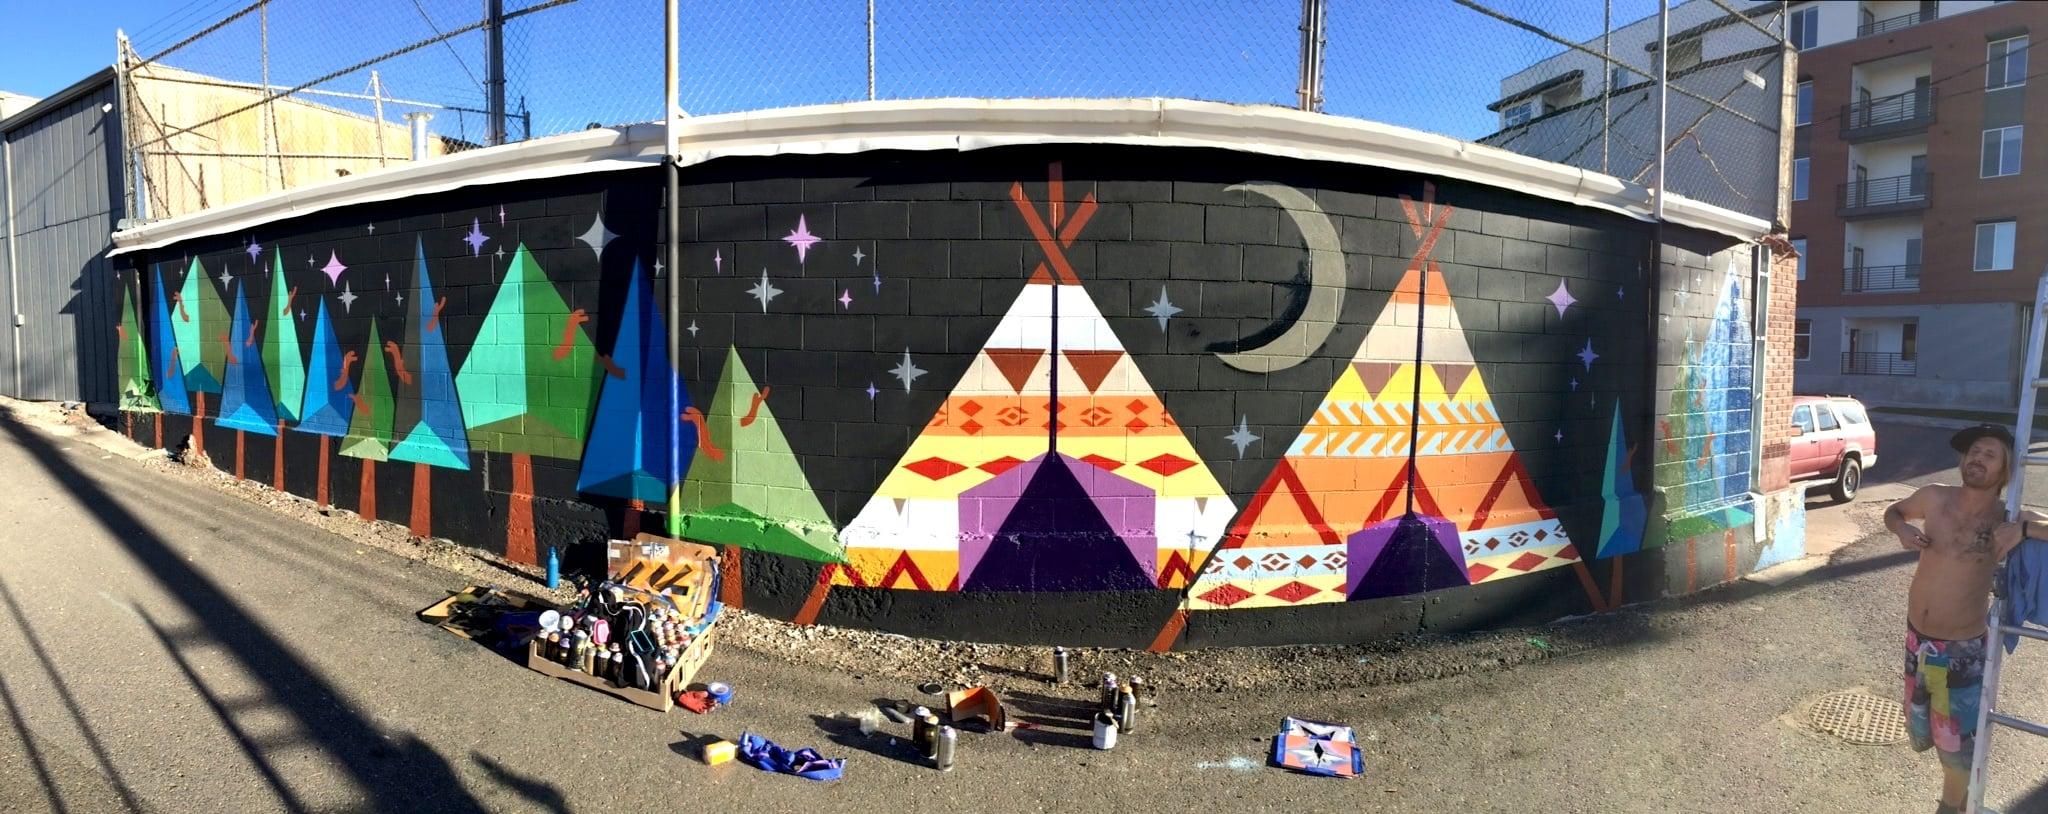 pat milbery art_spencer foreman_denver street art_ denver art_ colorado street art_1_street art_ mural art .JPG